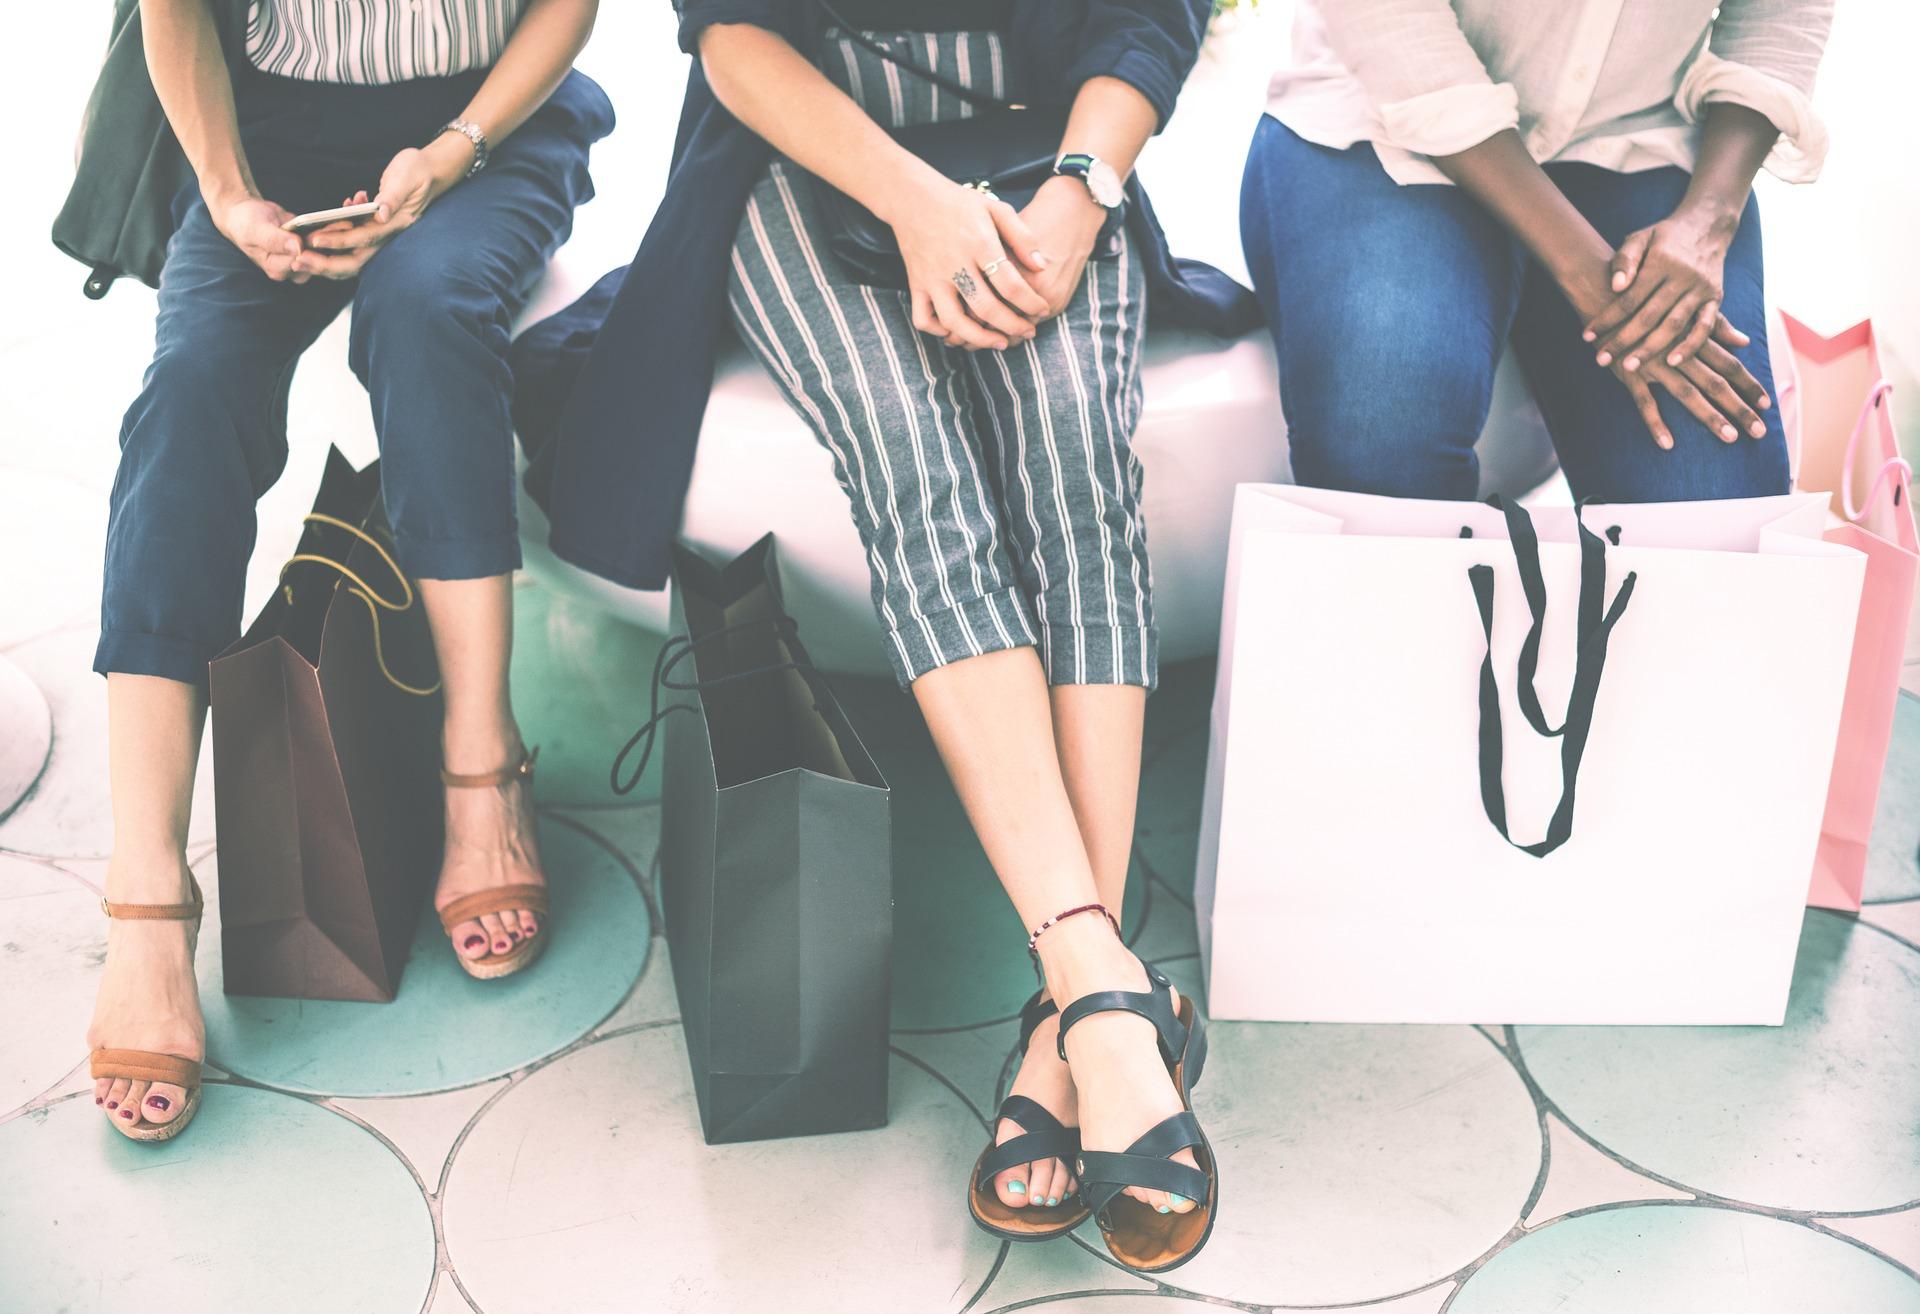 ¿Qué es la oniomanía? El trastorno de la compra compulsiva